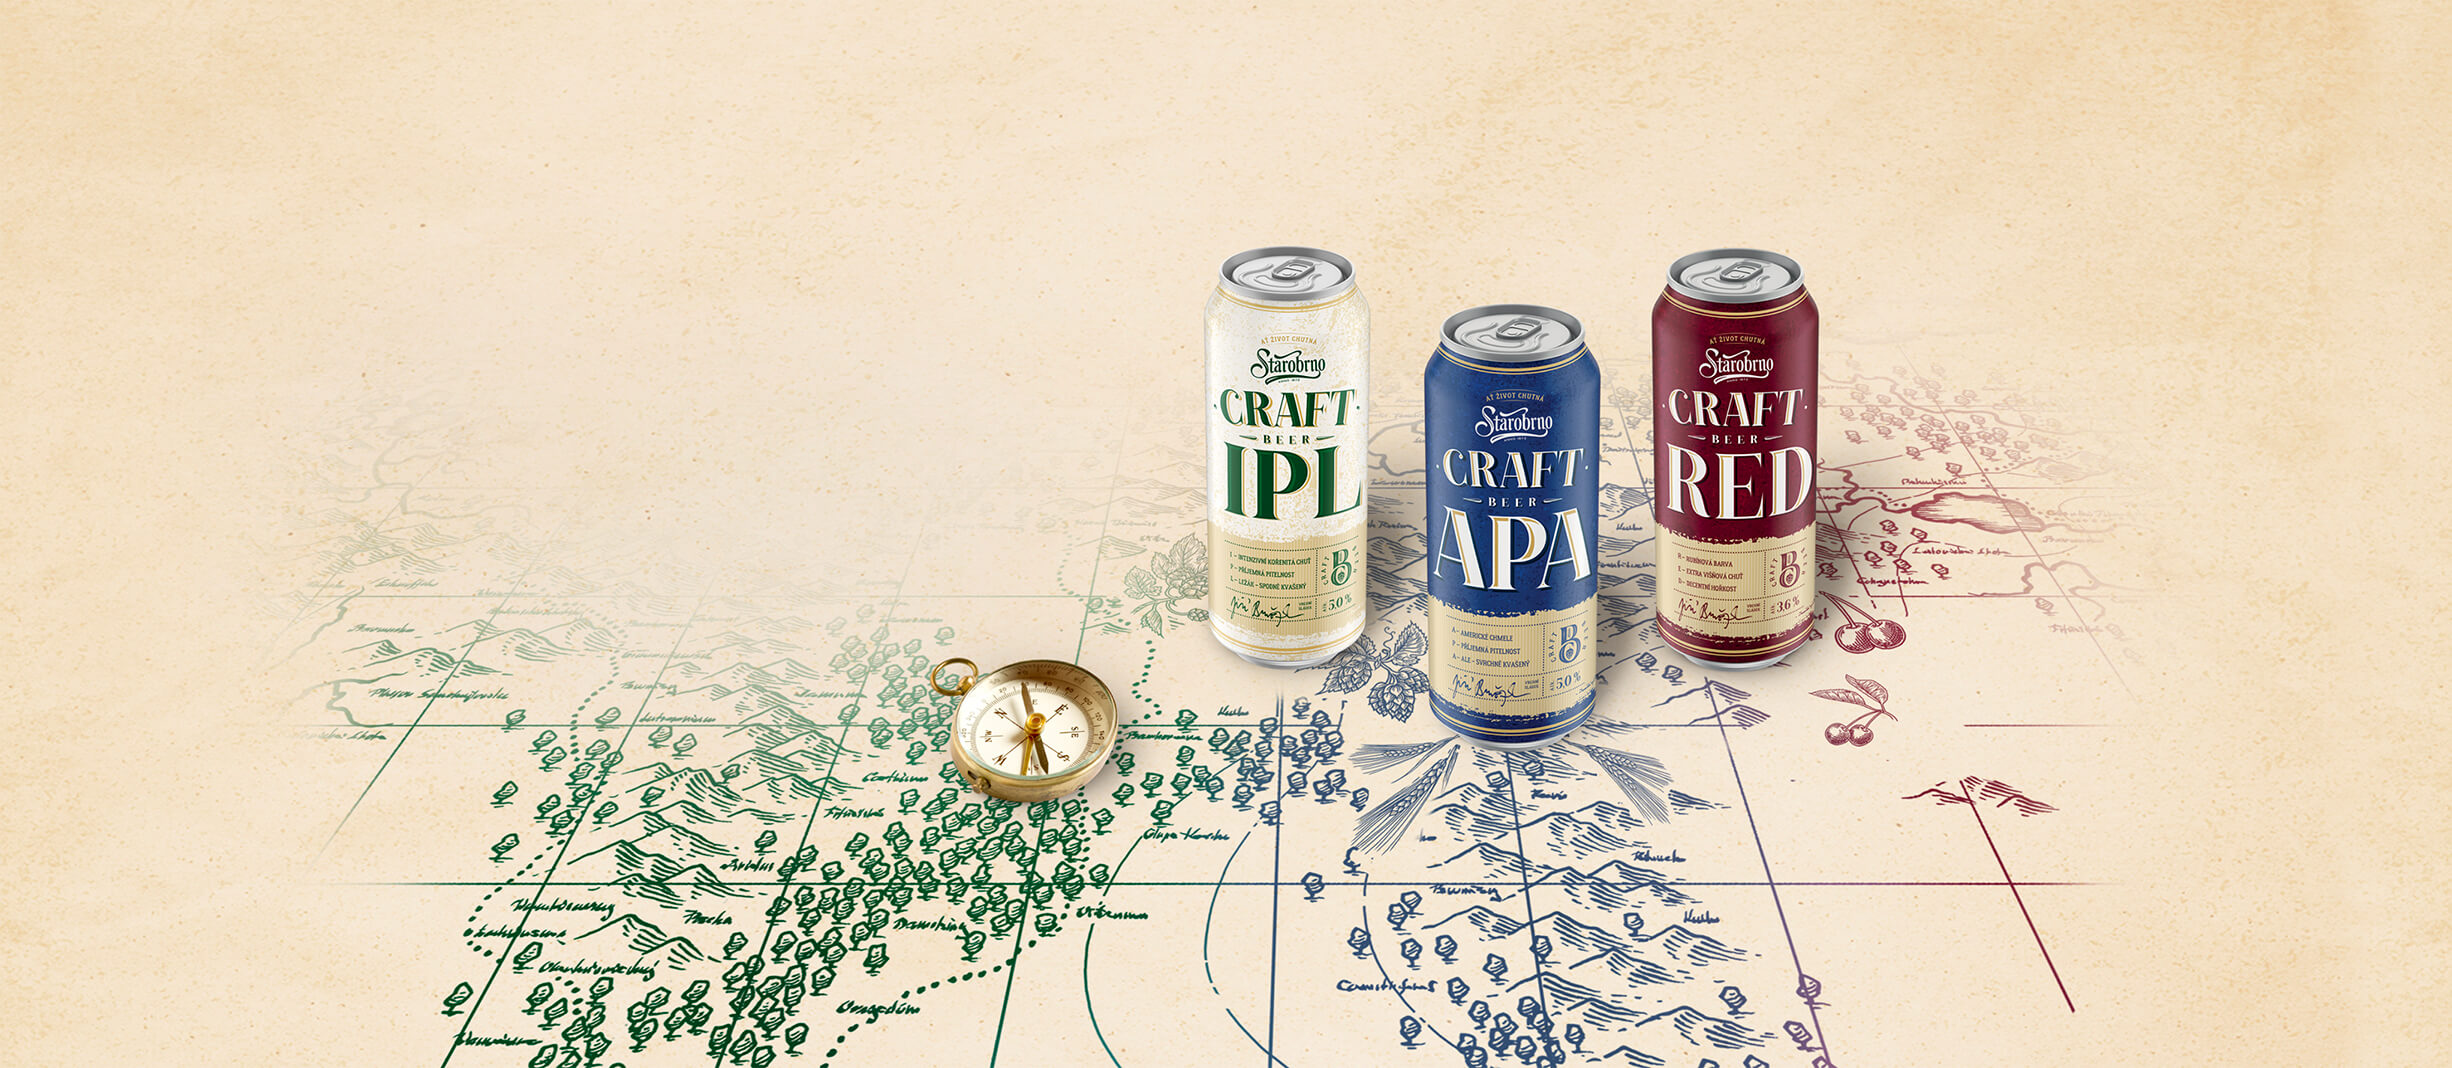 Letní tuzemská dovolená s atmosférou dálek v nabídce pivovaru